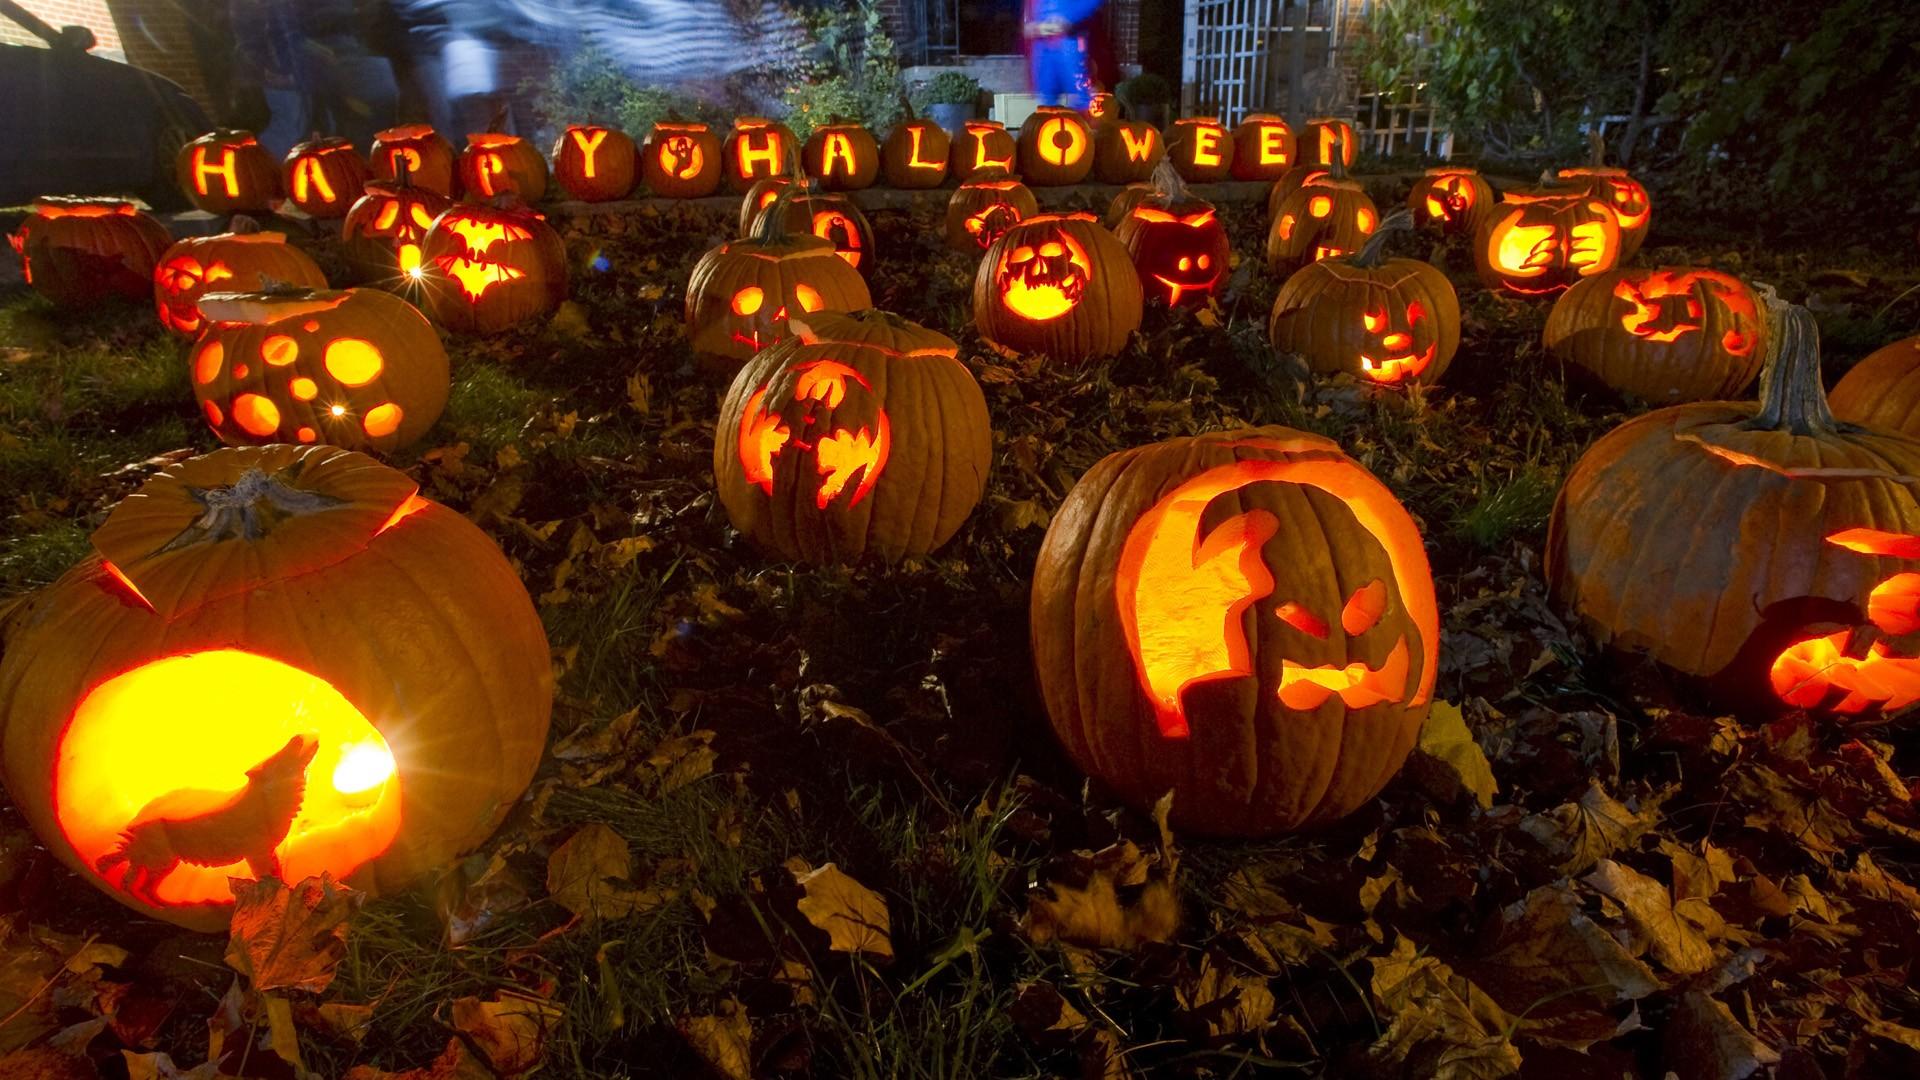 Halloween Pumpkin Wallpaper 826466 1920x1080px by Naomi Merdinger 1920x1080